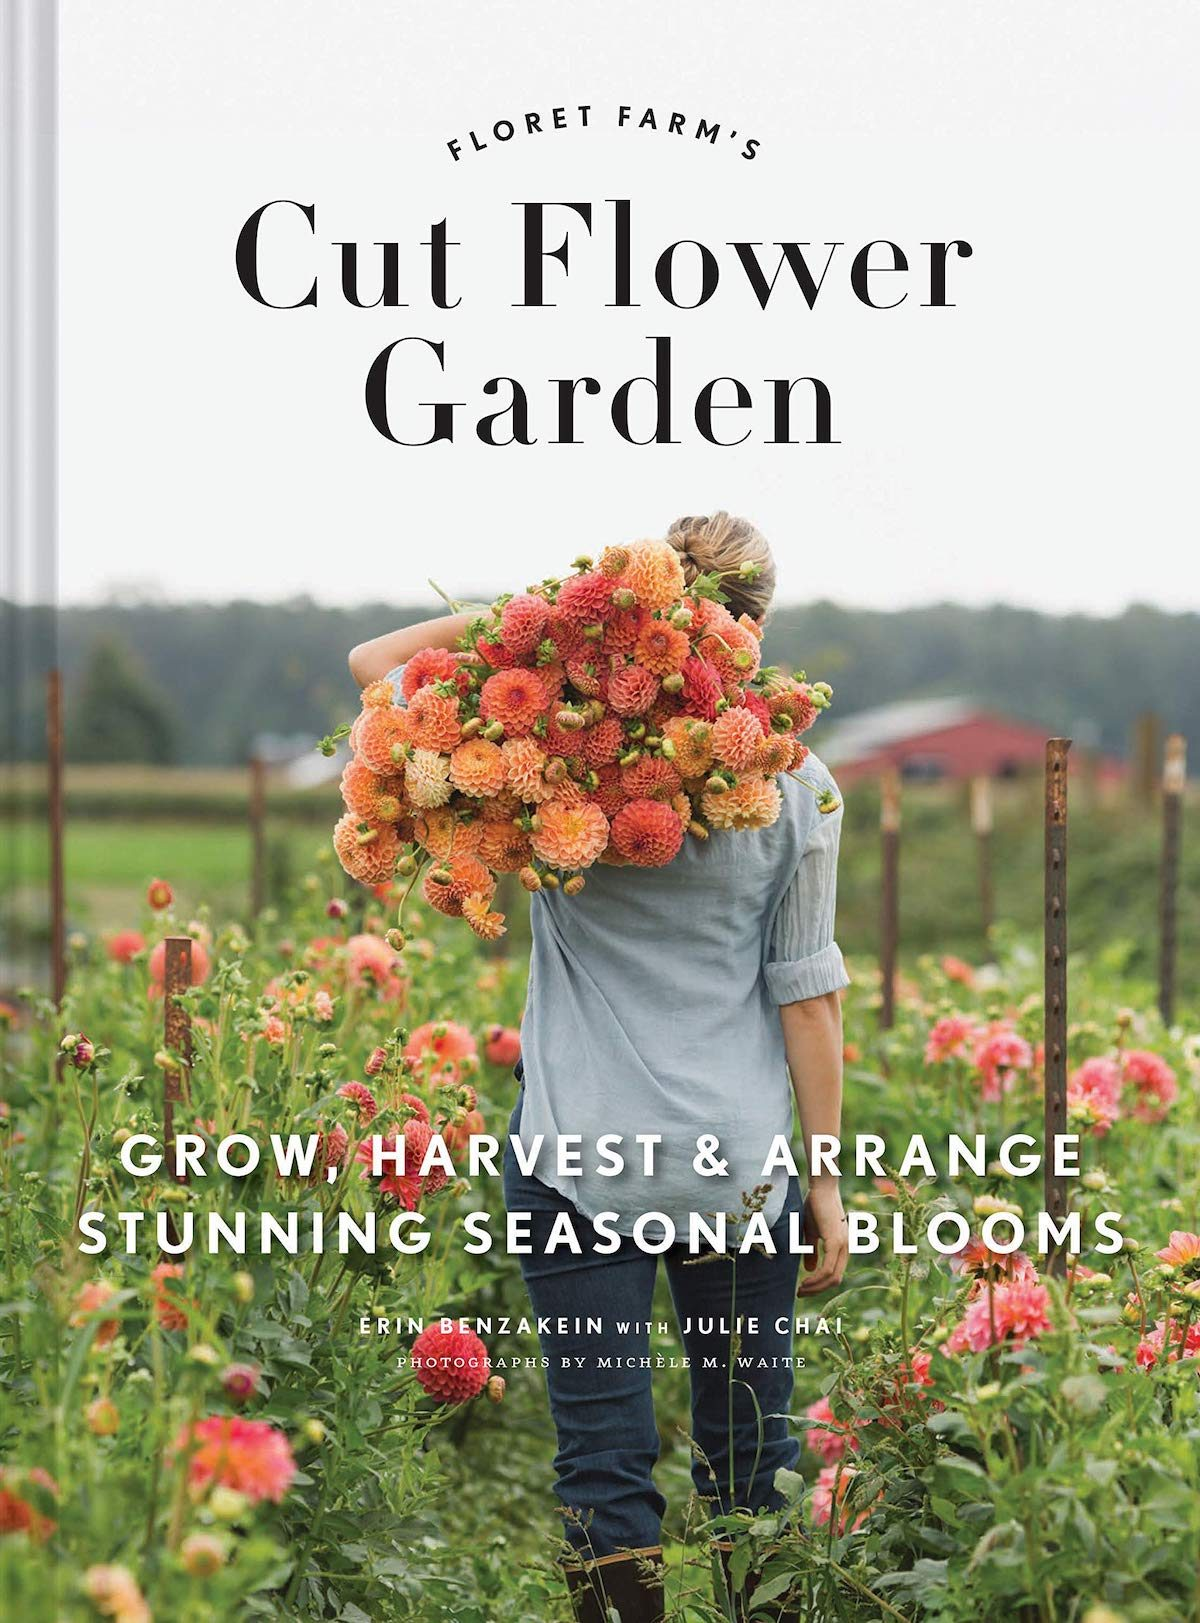 cut flower garden book